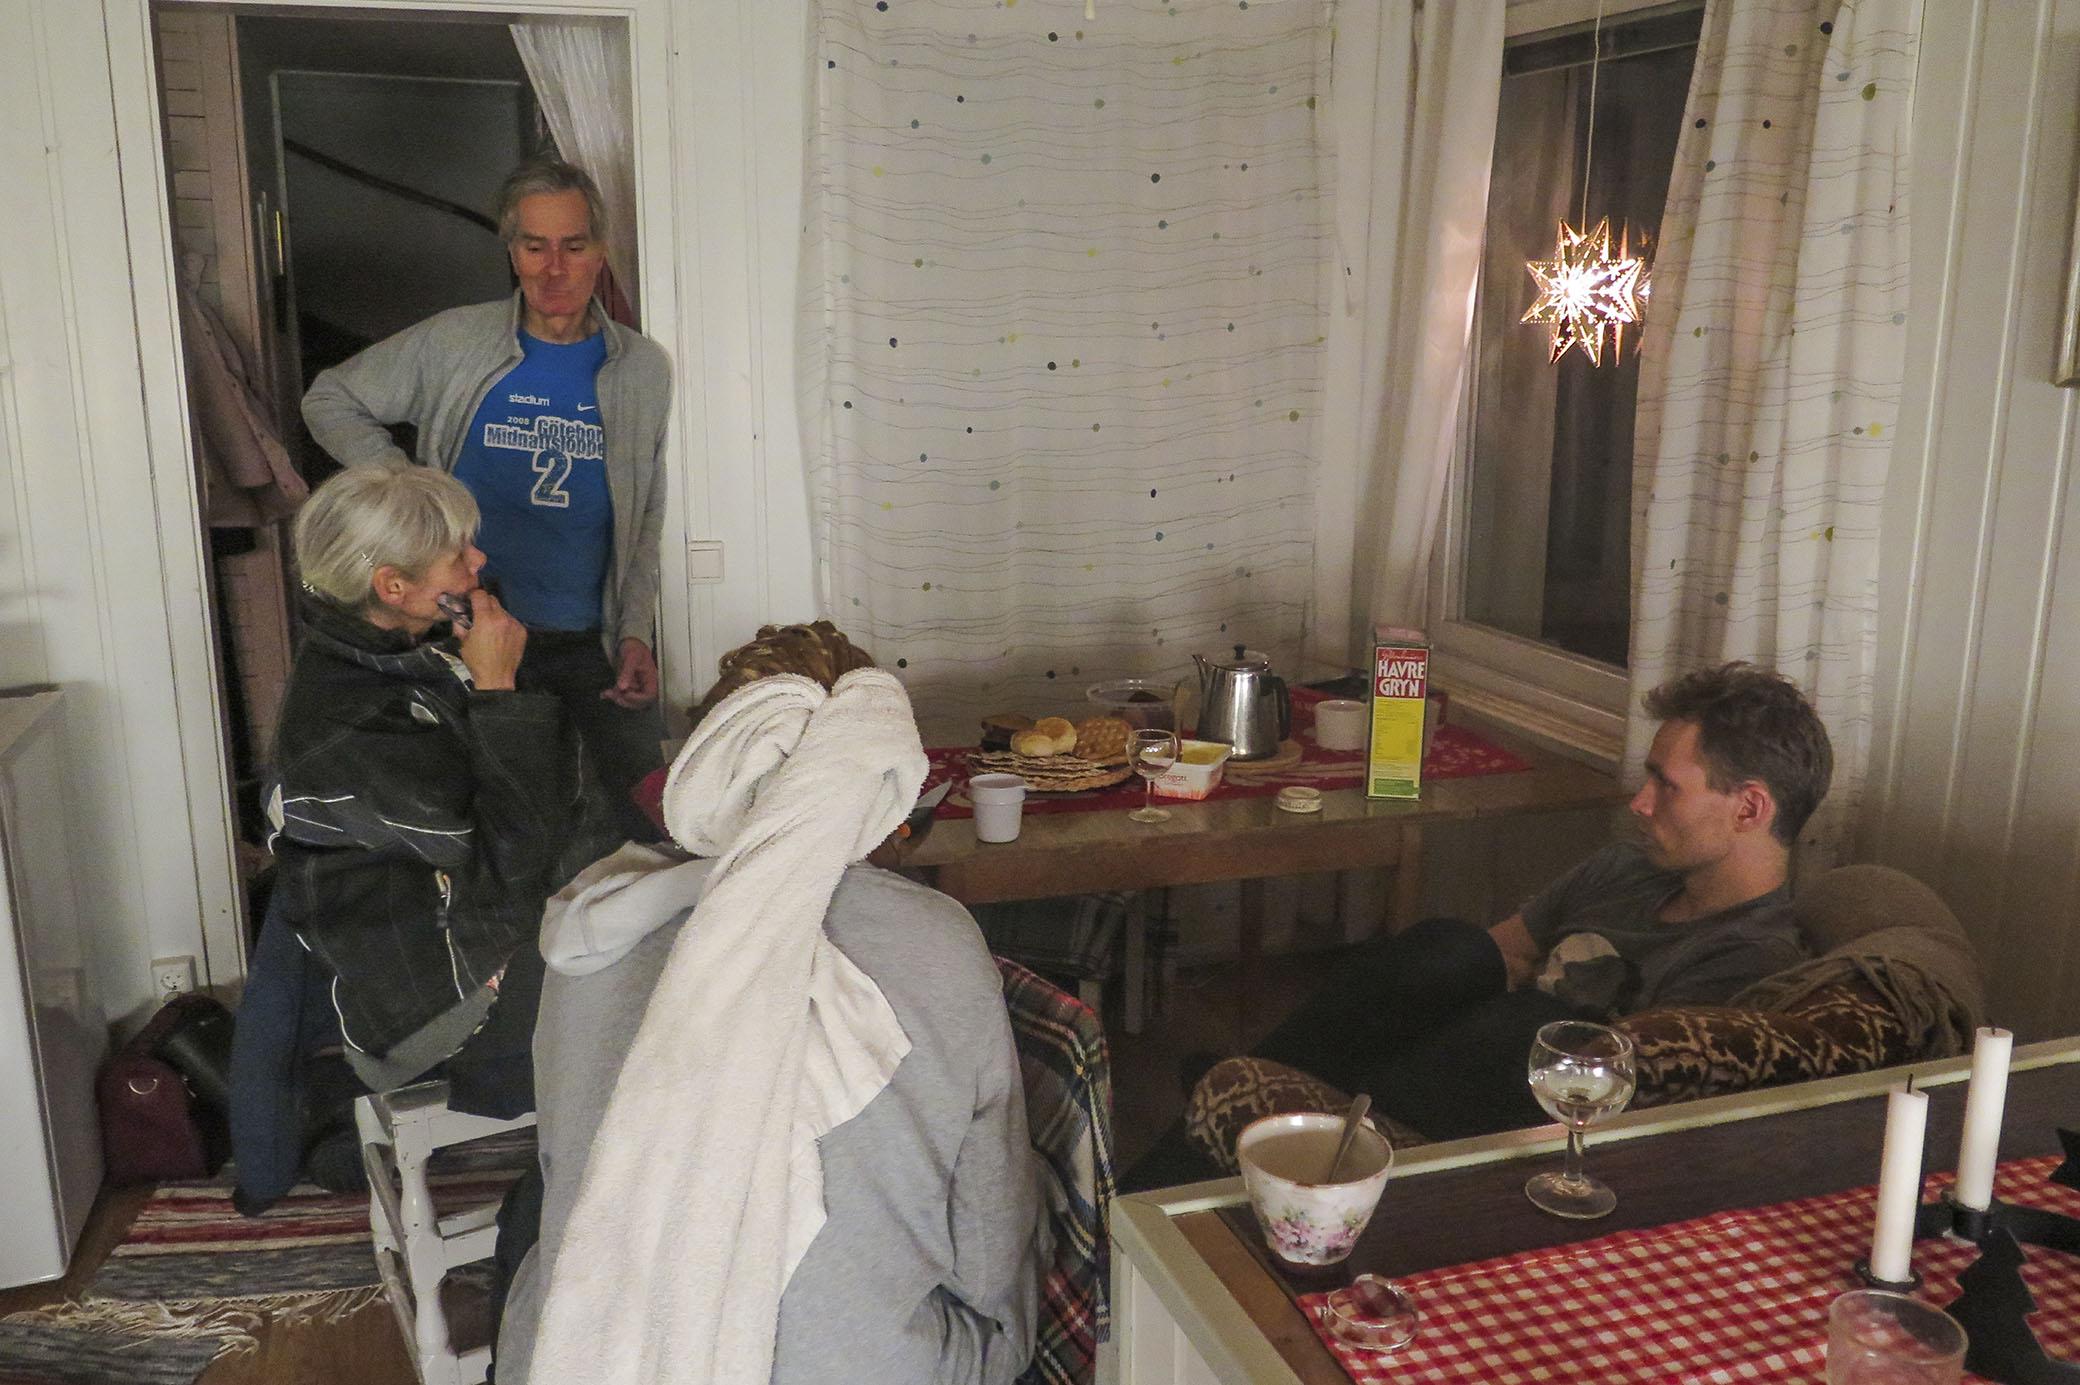 Mamma, pappa, Johanna och storebror Isac hemma hos mig.